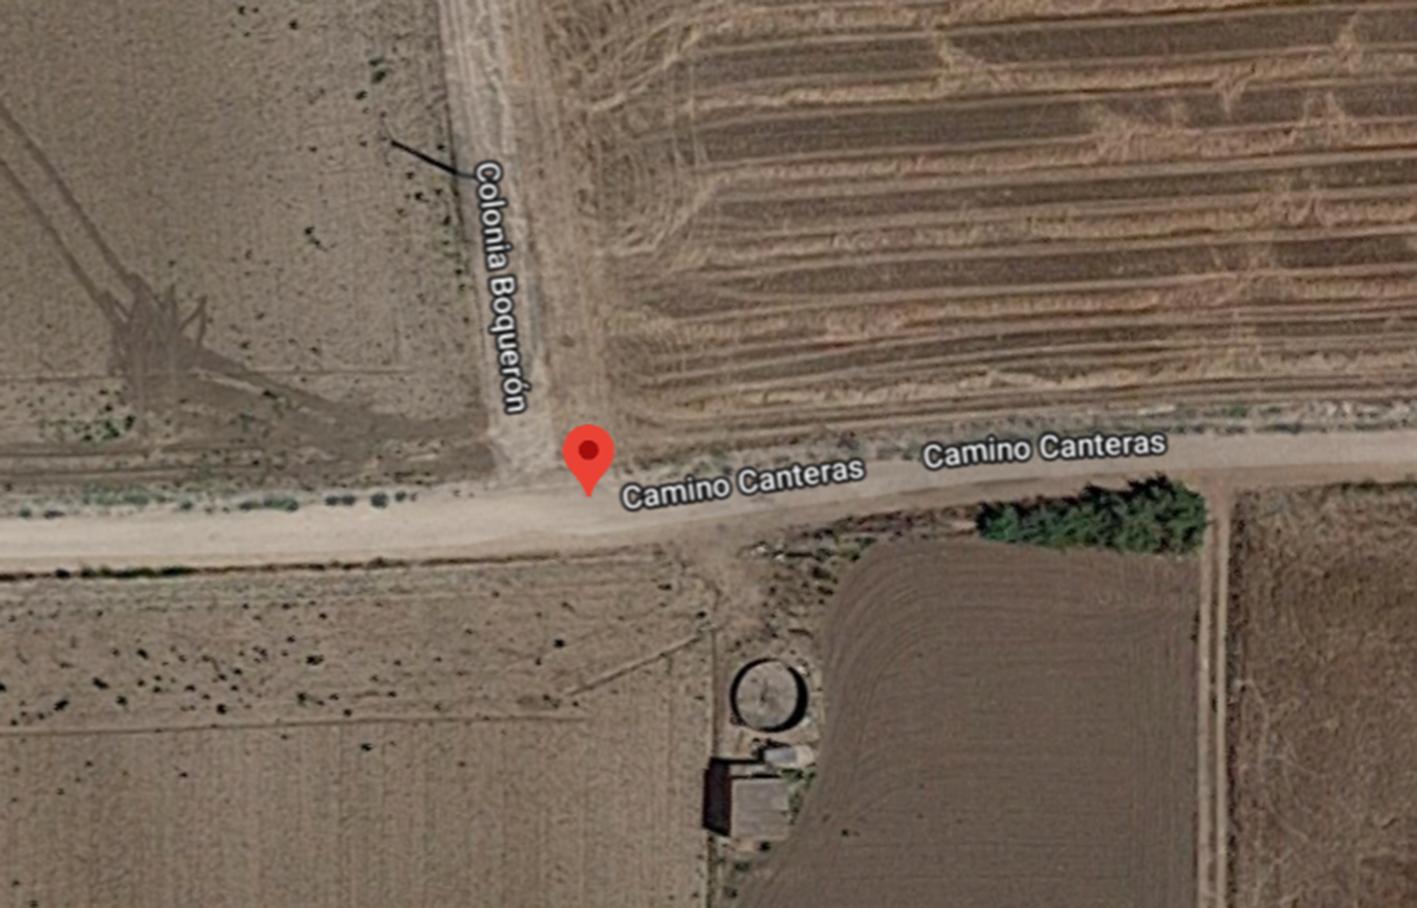 El accidente laboral ha tenido lugar en una empresa de aceros del Camino Canteras, en Illescas.